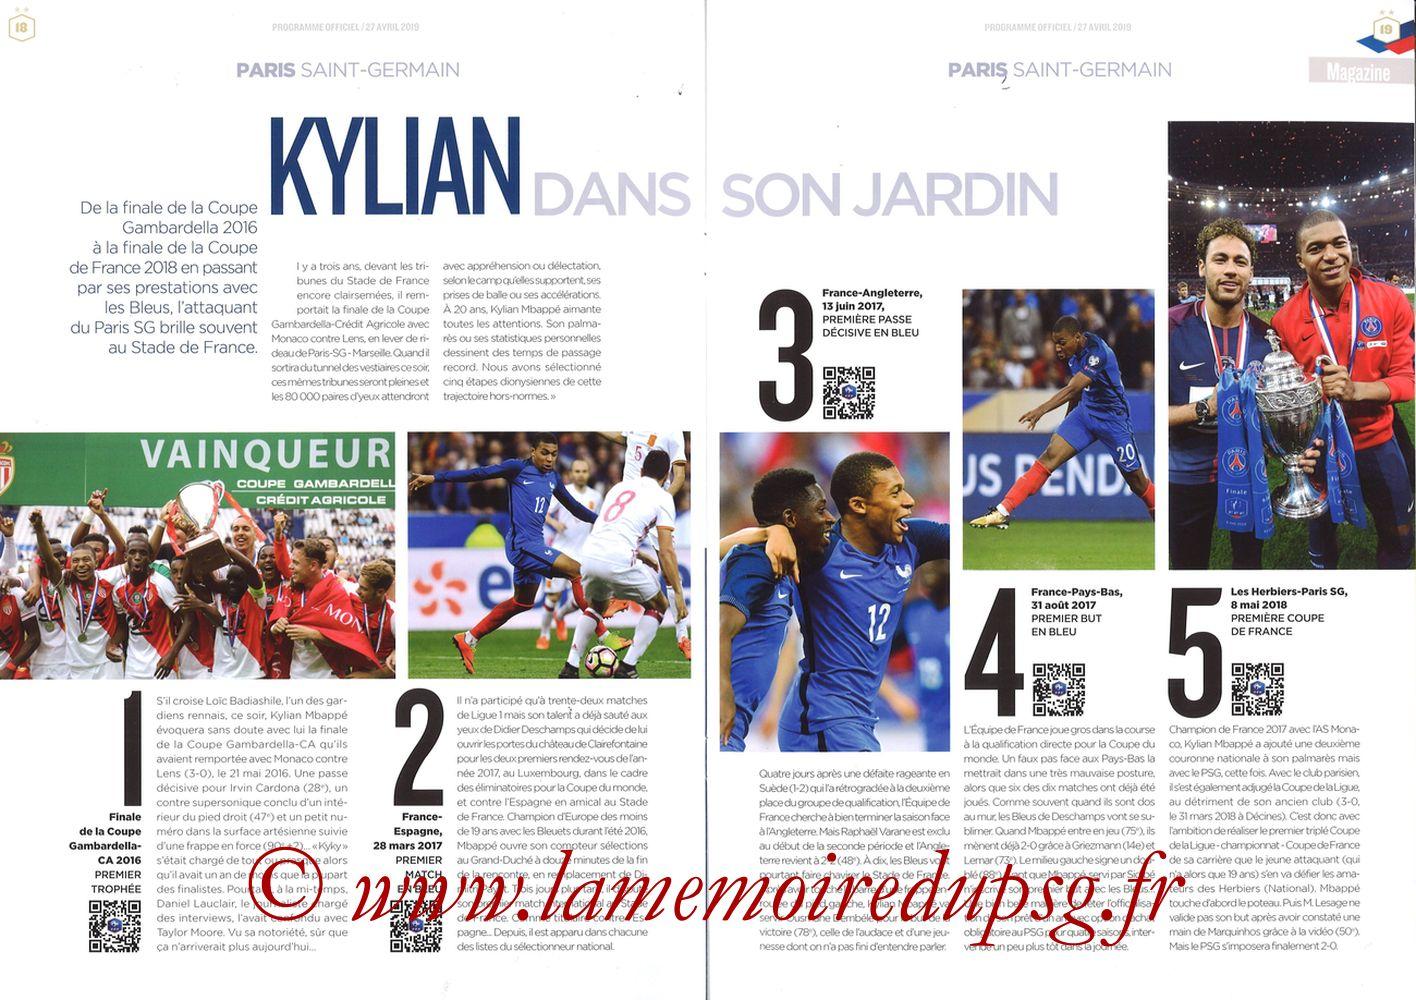 2019-04-27  Rennes-PSG (Finale CF au Stade de France, Programme officiel FFF) - Pages 18 et 19